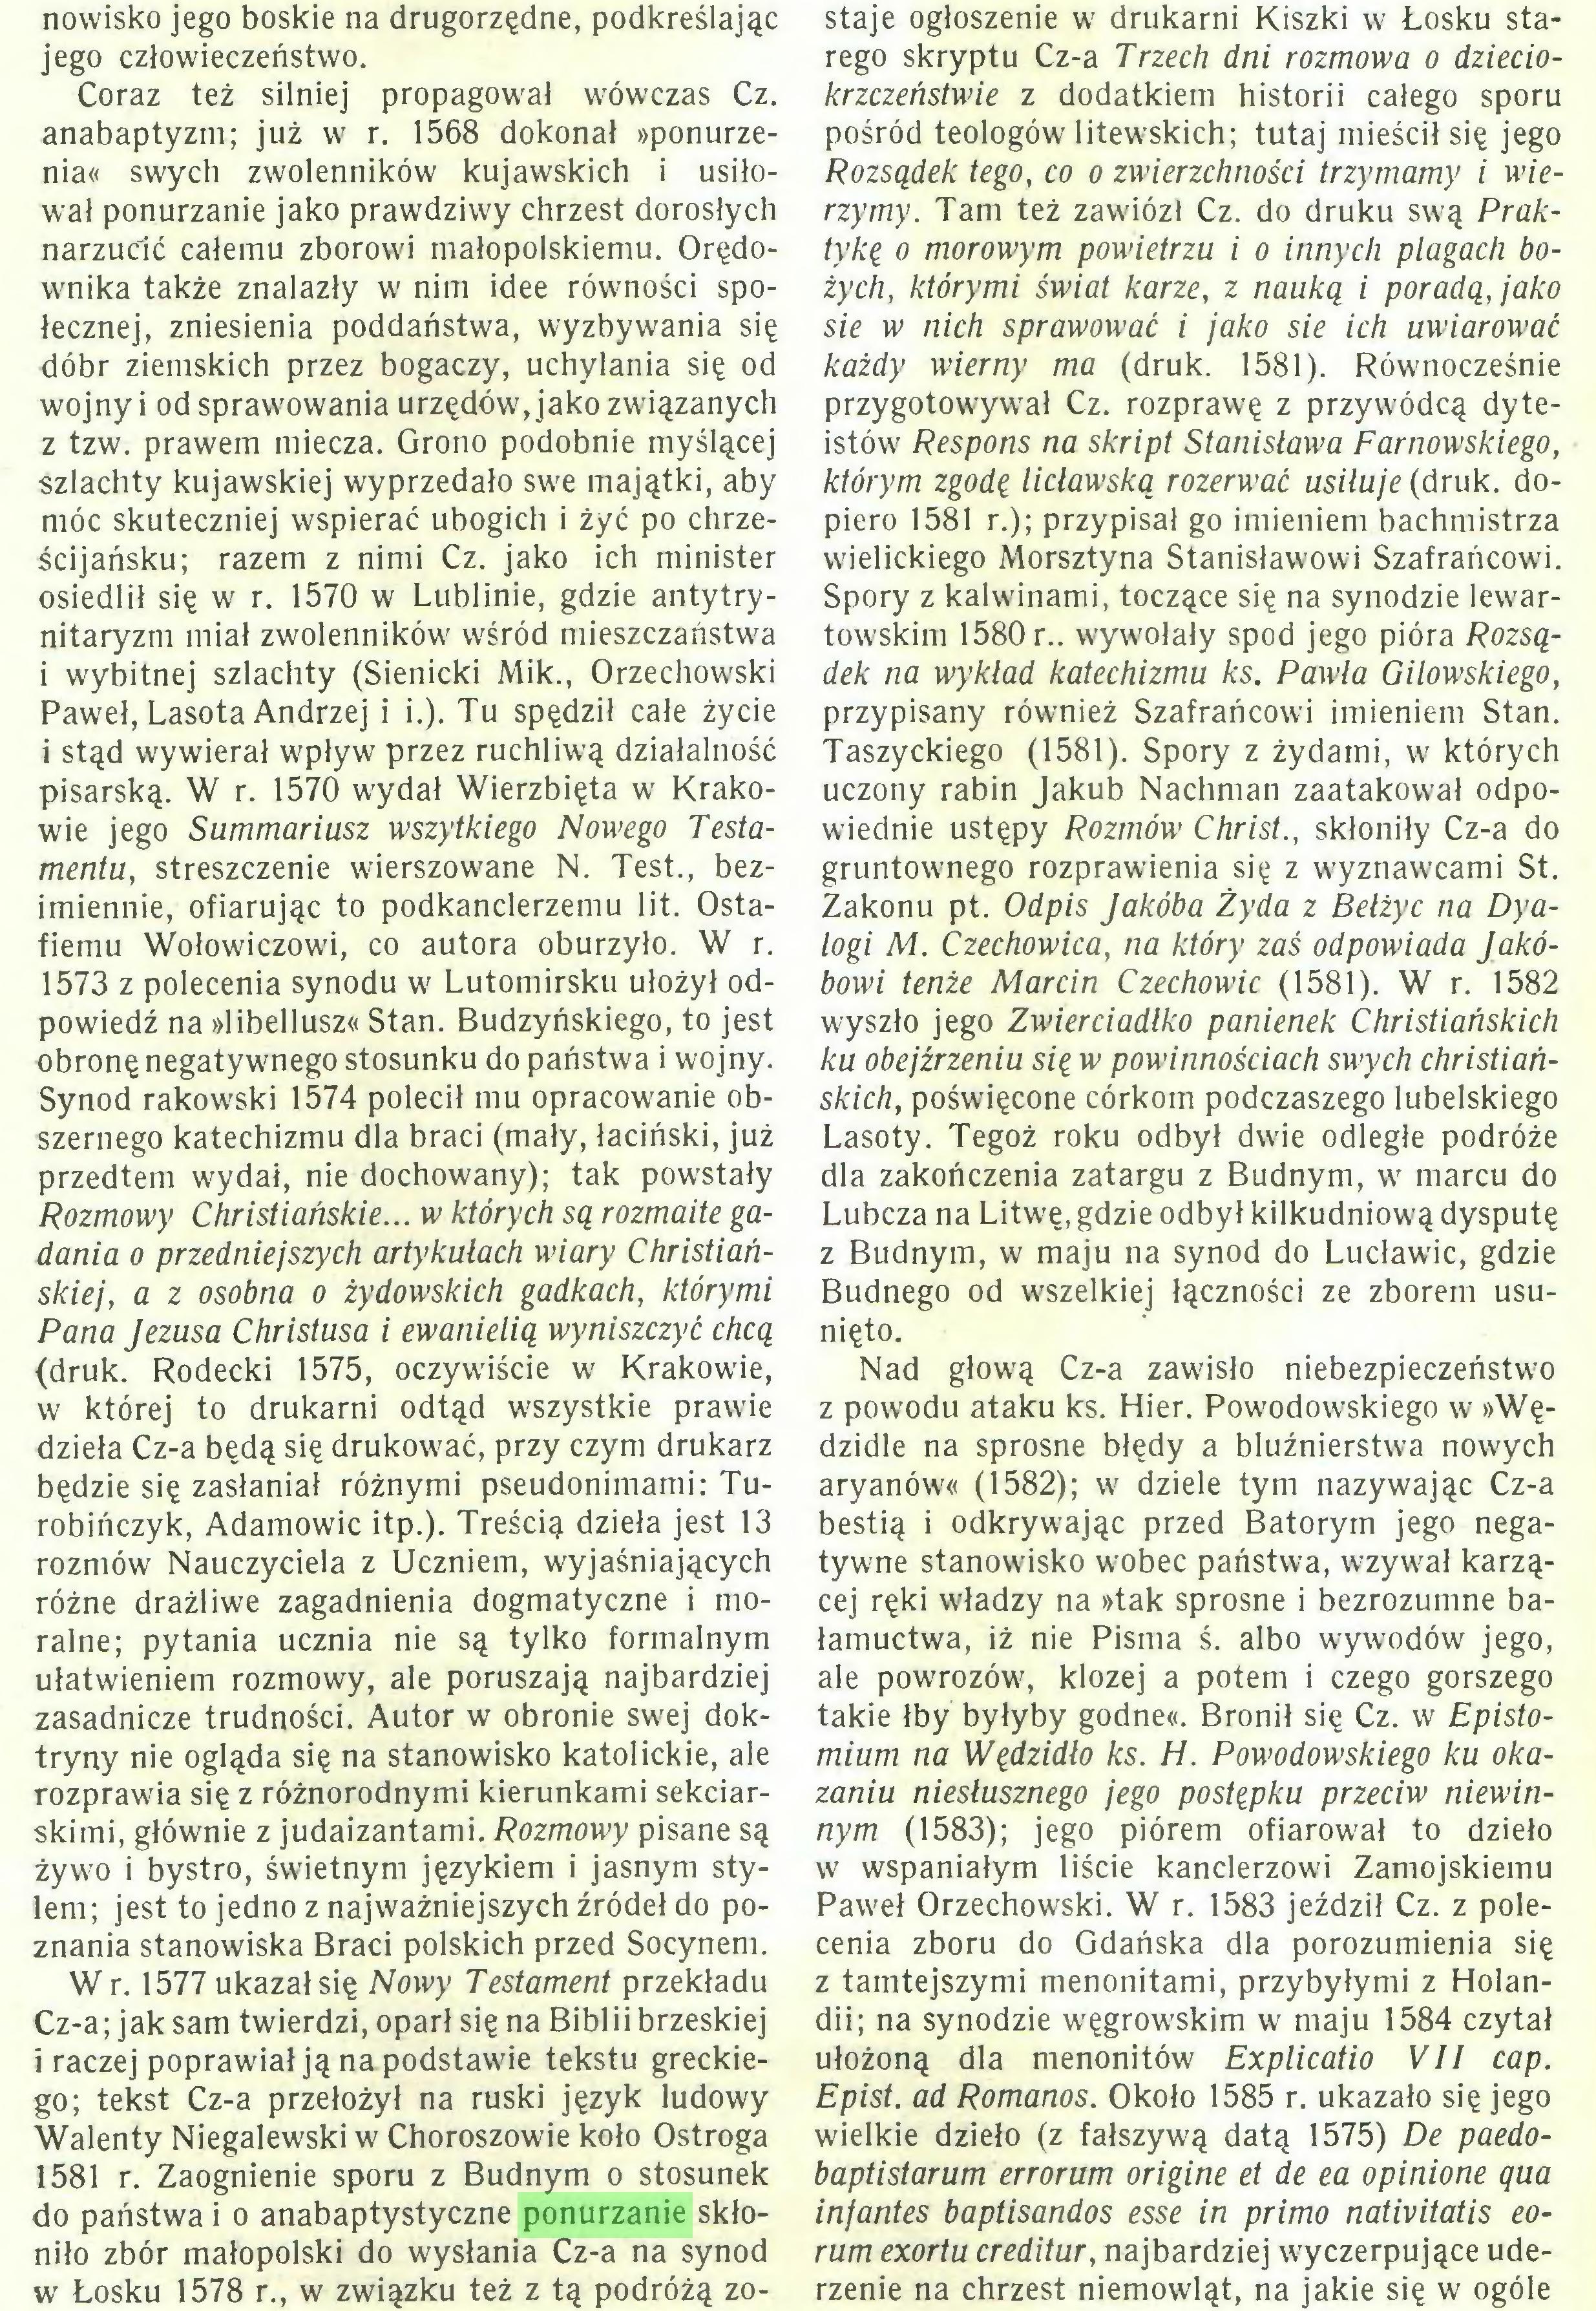 (...) W r. 1577 ukazał się Nowy Testament przekładu Cz-a; jak sam twierdzi, oparł się na Biblii brzeskiej i raczej poprawiał ją na podstawie tekstu greckiego; tekst Cz-a przełożył na ruski język ludowy Walenty Niegalewski w Choroszowie koło Ostroga 1581 r. Zaognienie sporu z Budnym o stosunek do państwa i o anabaptystyczne ponurzanie skłoniło zbór małopolski do wysłania Cz-a na synod w Łosku 1578 r., w związku też z tą podróżą zo- staje ogłoszenie w drukarni Kiszki w Łosku starego skryptu Cz-a Trzech dni rozmowa o dzieciokrzczeństwie z dodatkiem historii całego sporu pośród teologów litewskich; tutaj mieścił się jego Rozsądek tego, co o zwierzchności trzymamy i wierzymy. Tam też zawiózł Cz. do druku swą Prak...